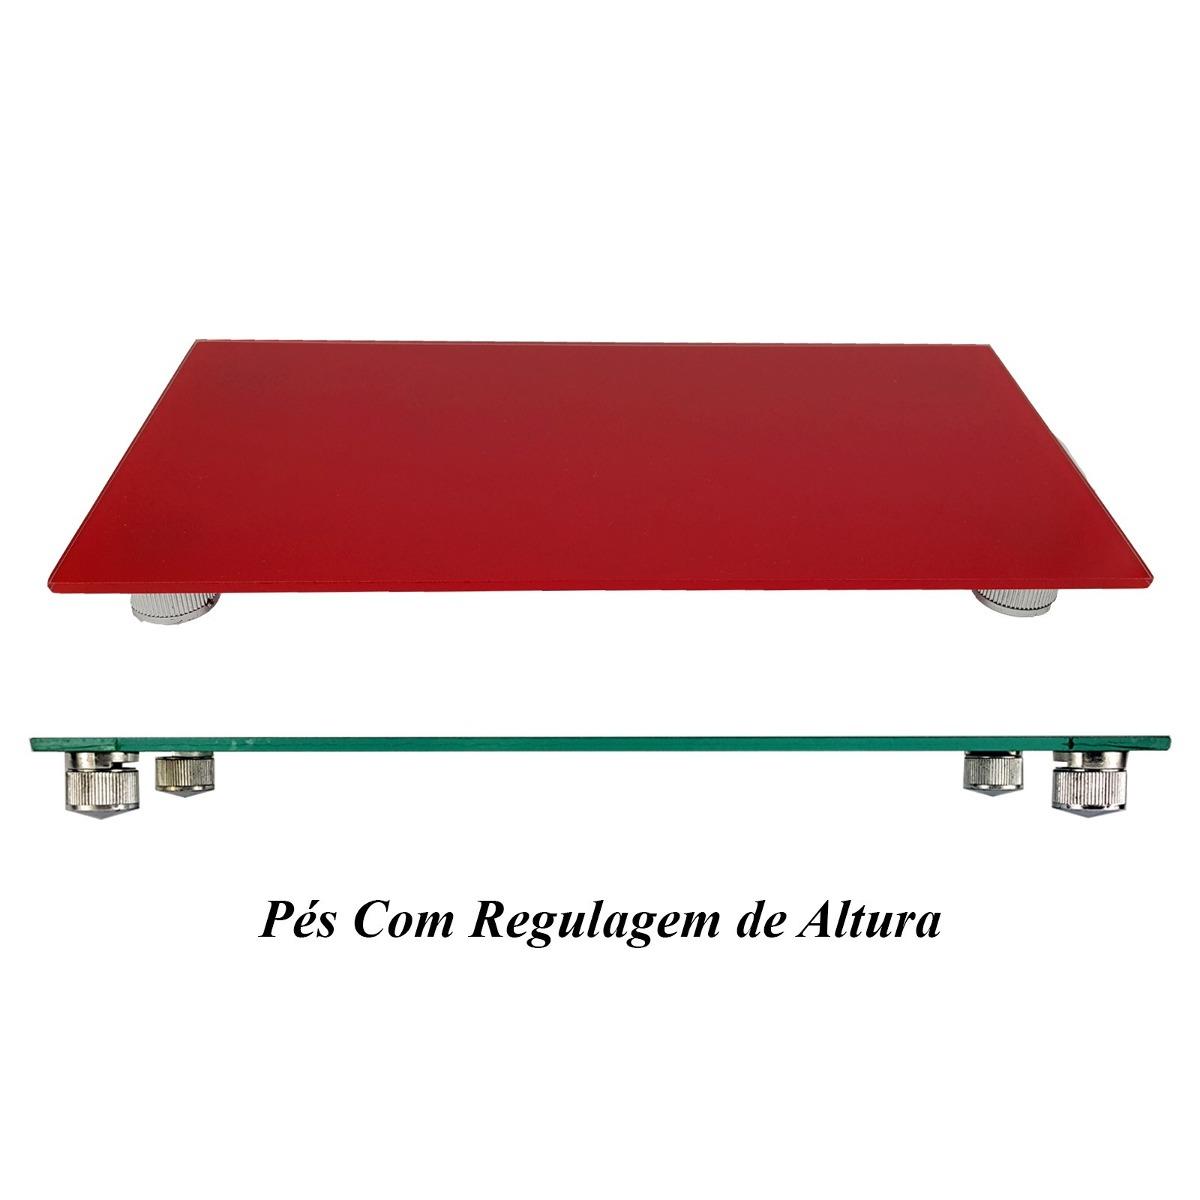 Kit Saboneteira Banheiro   Porta Sabonete Liq. Escova 4 Peça R$ 59  #04664F 1200 1200